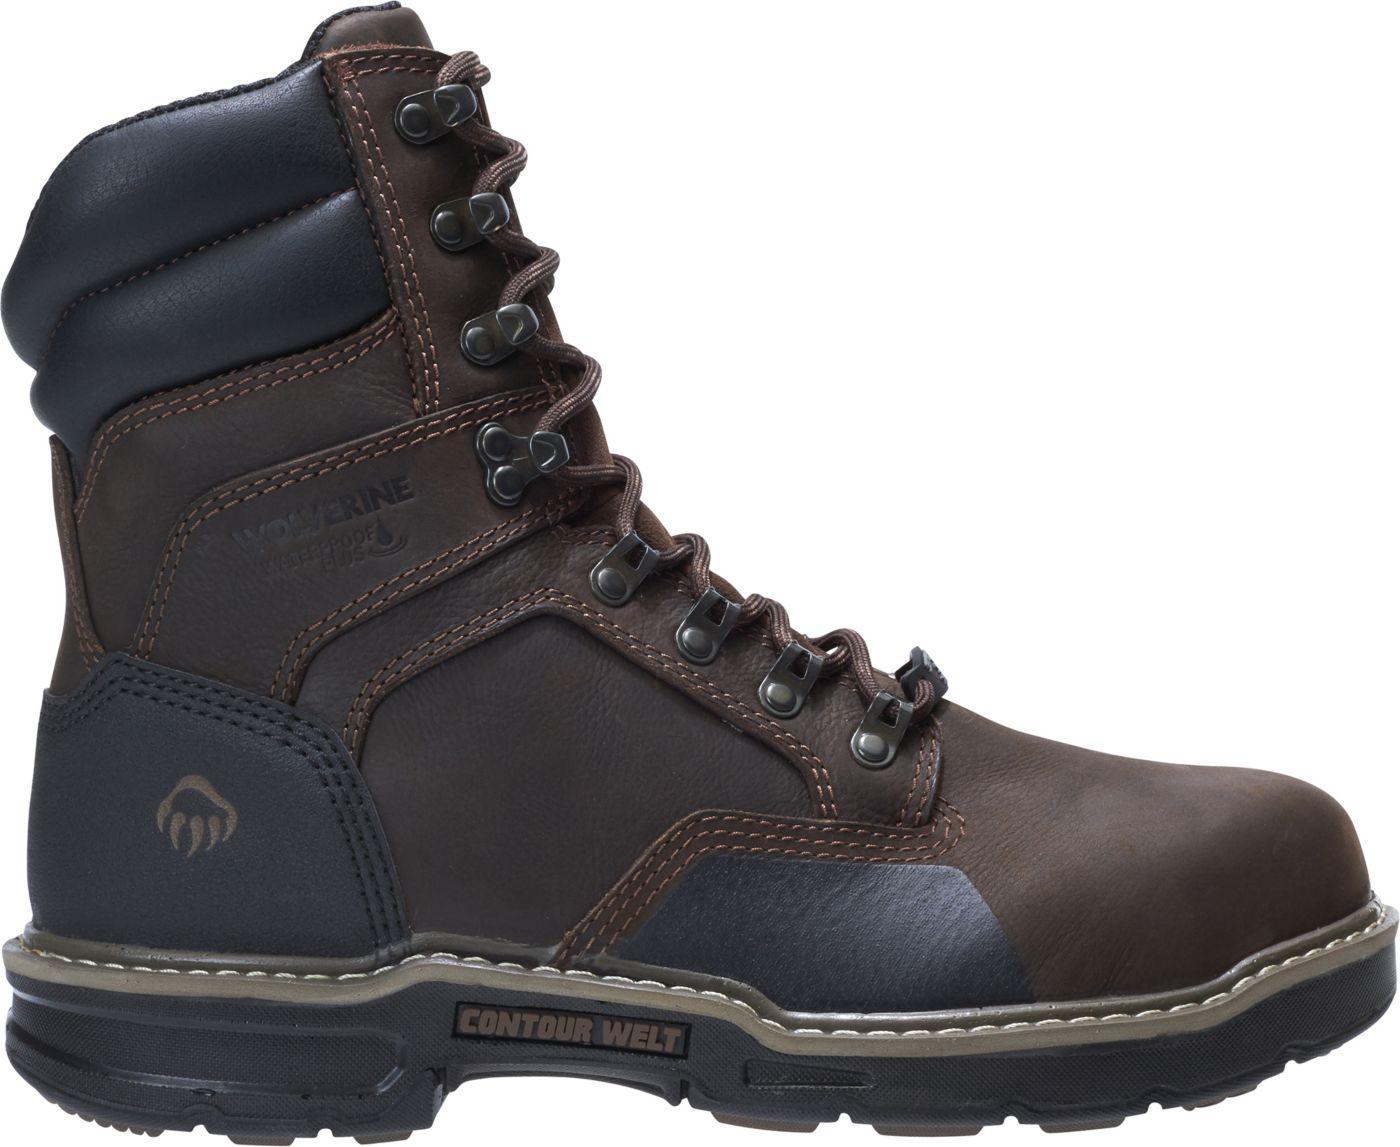 Wolverine Men's Bandit 8'' 600g Waterproof Composite Toe Work Boots